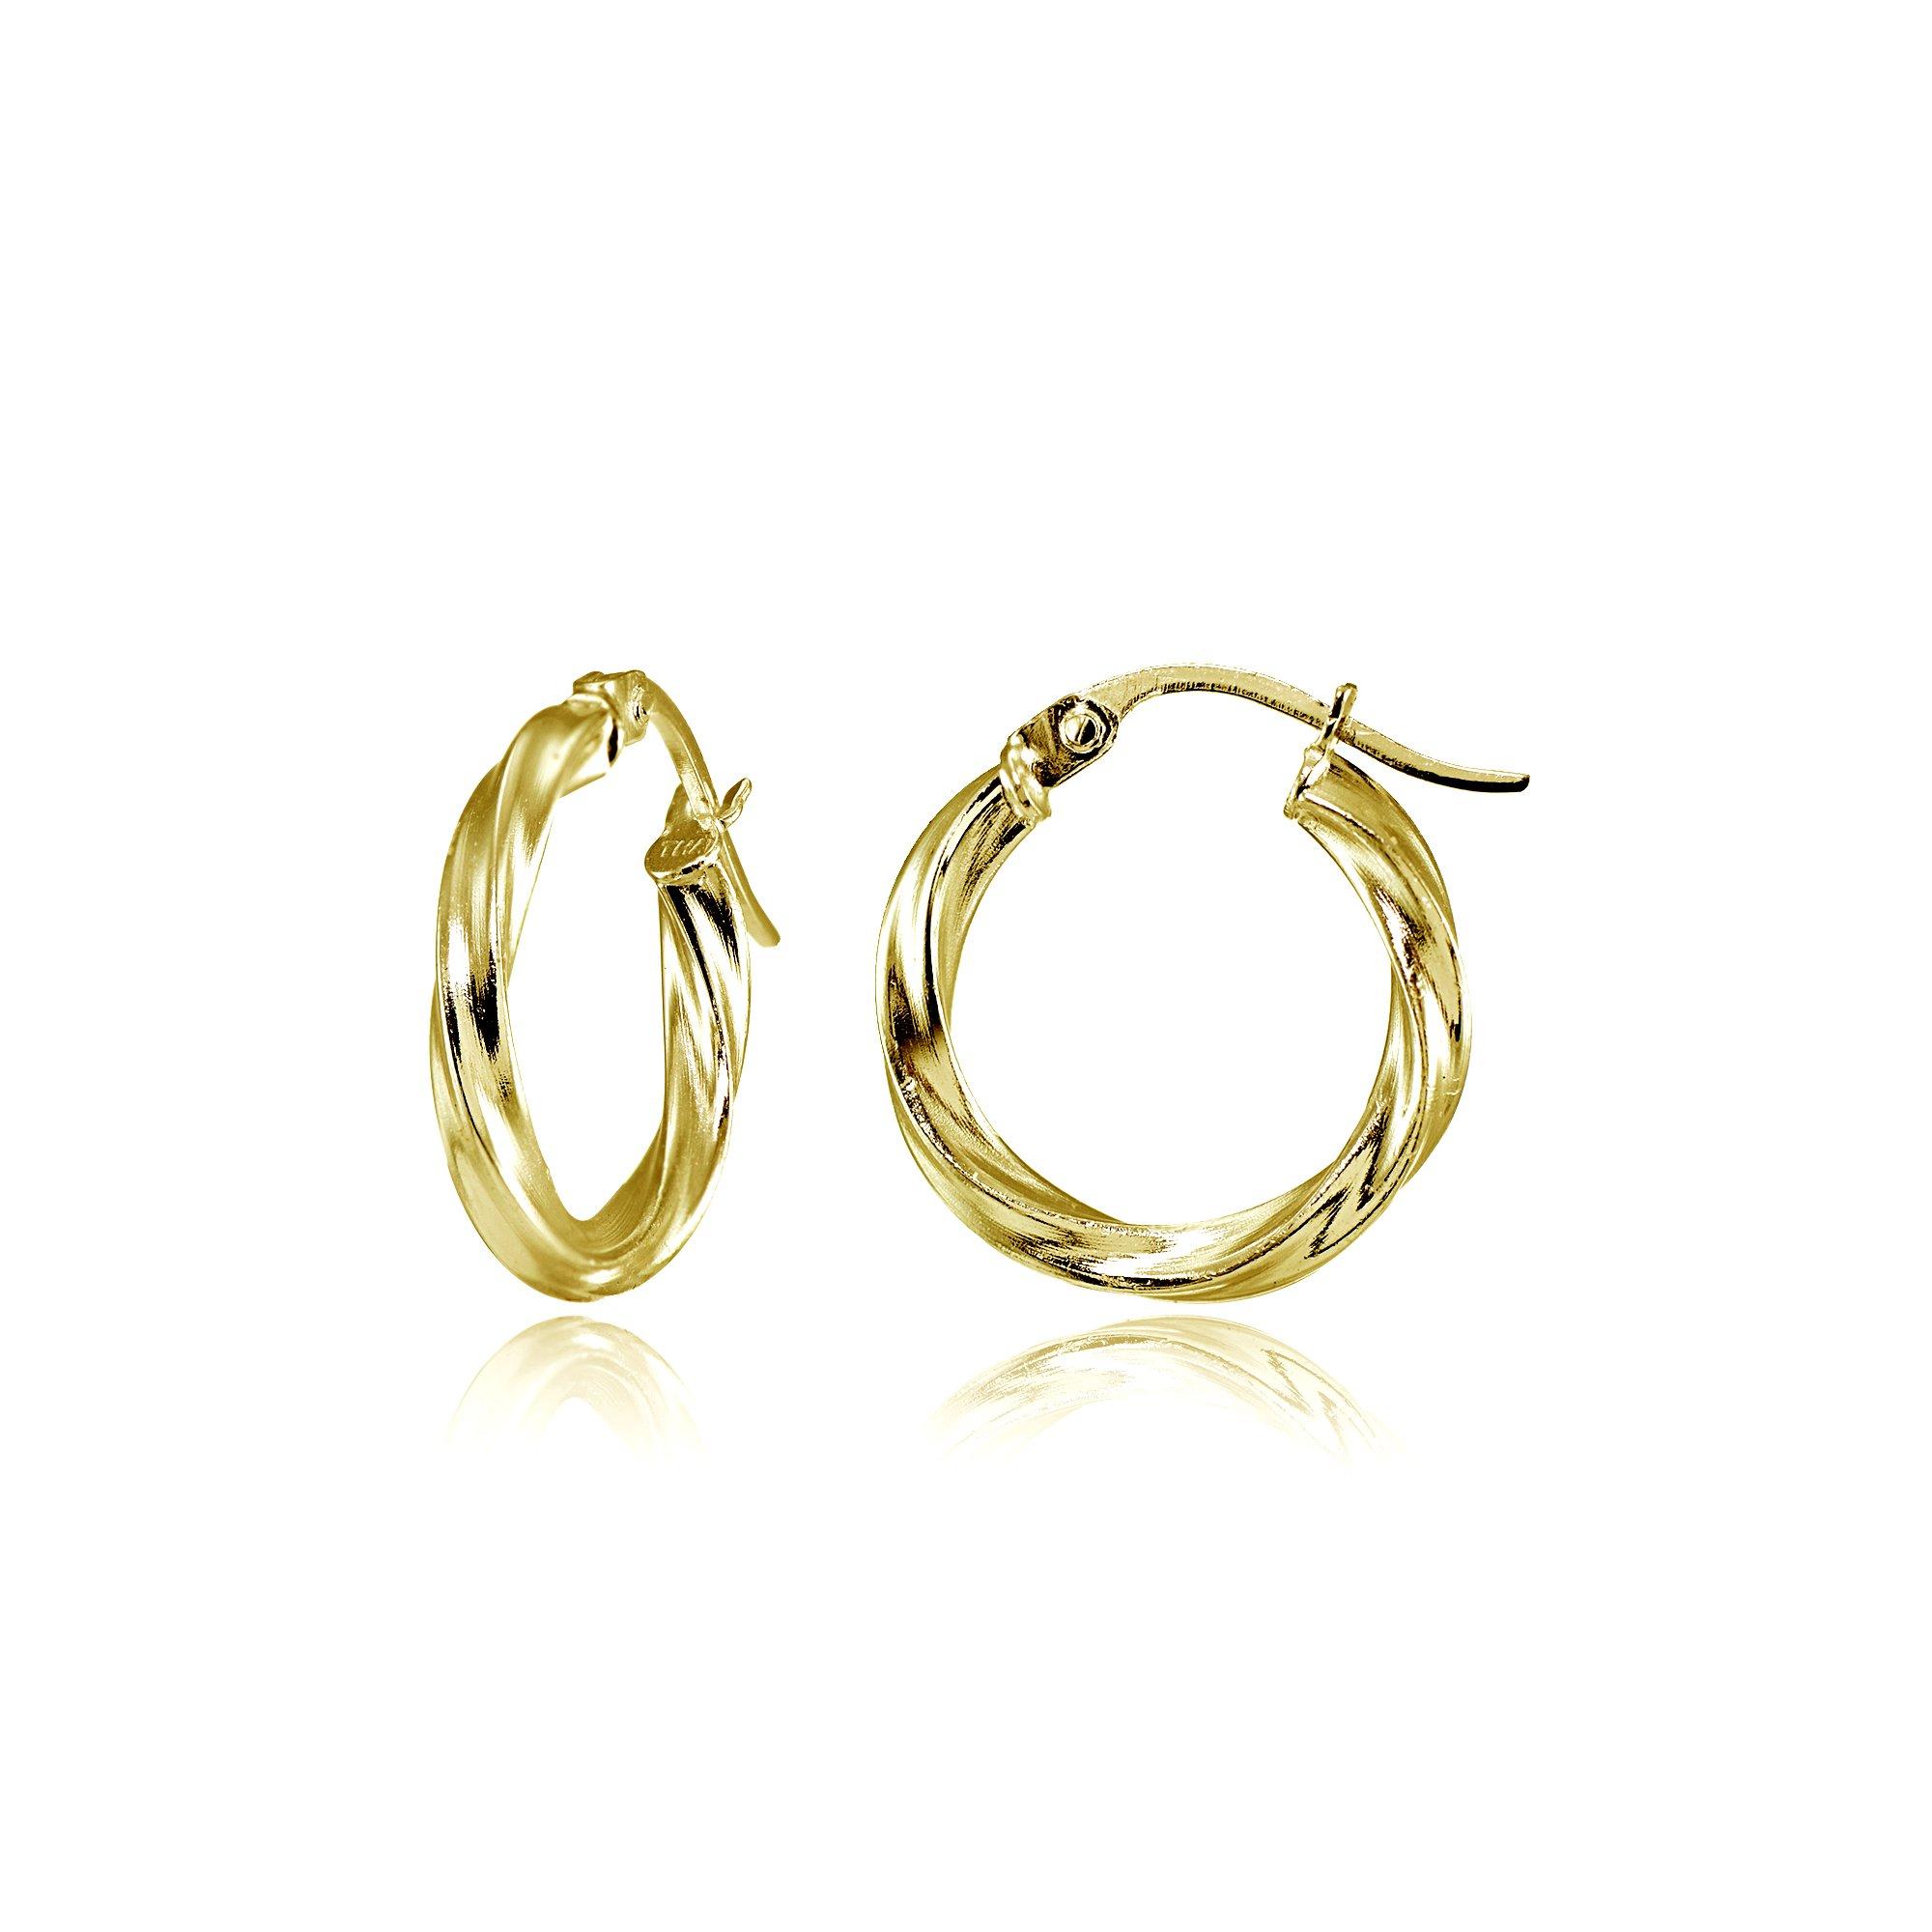 Hoops & Loops Flash Plated Gold Sterling Silver 2mm Twist Round Hoop Earrings, 15mm